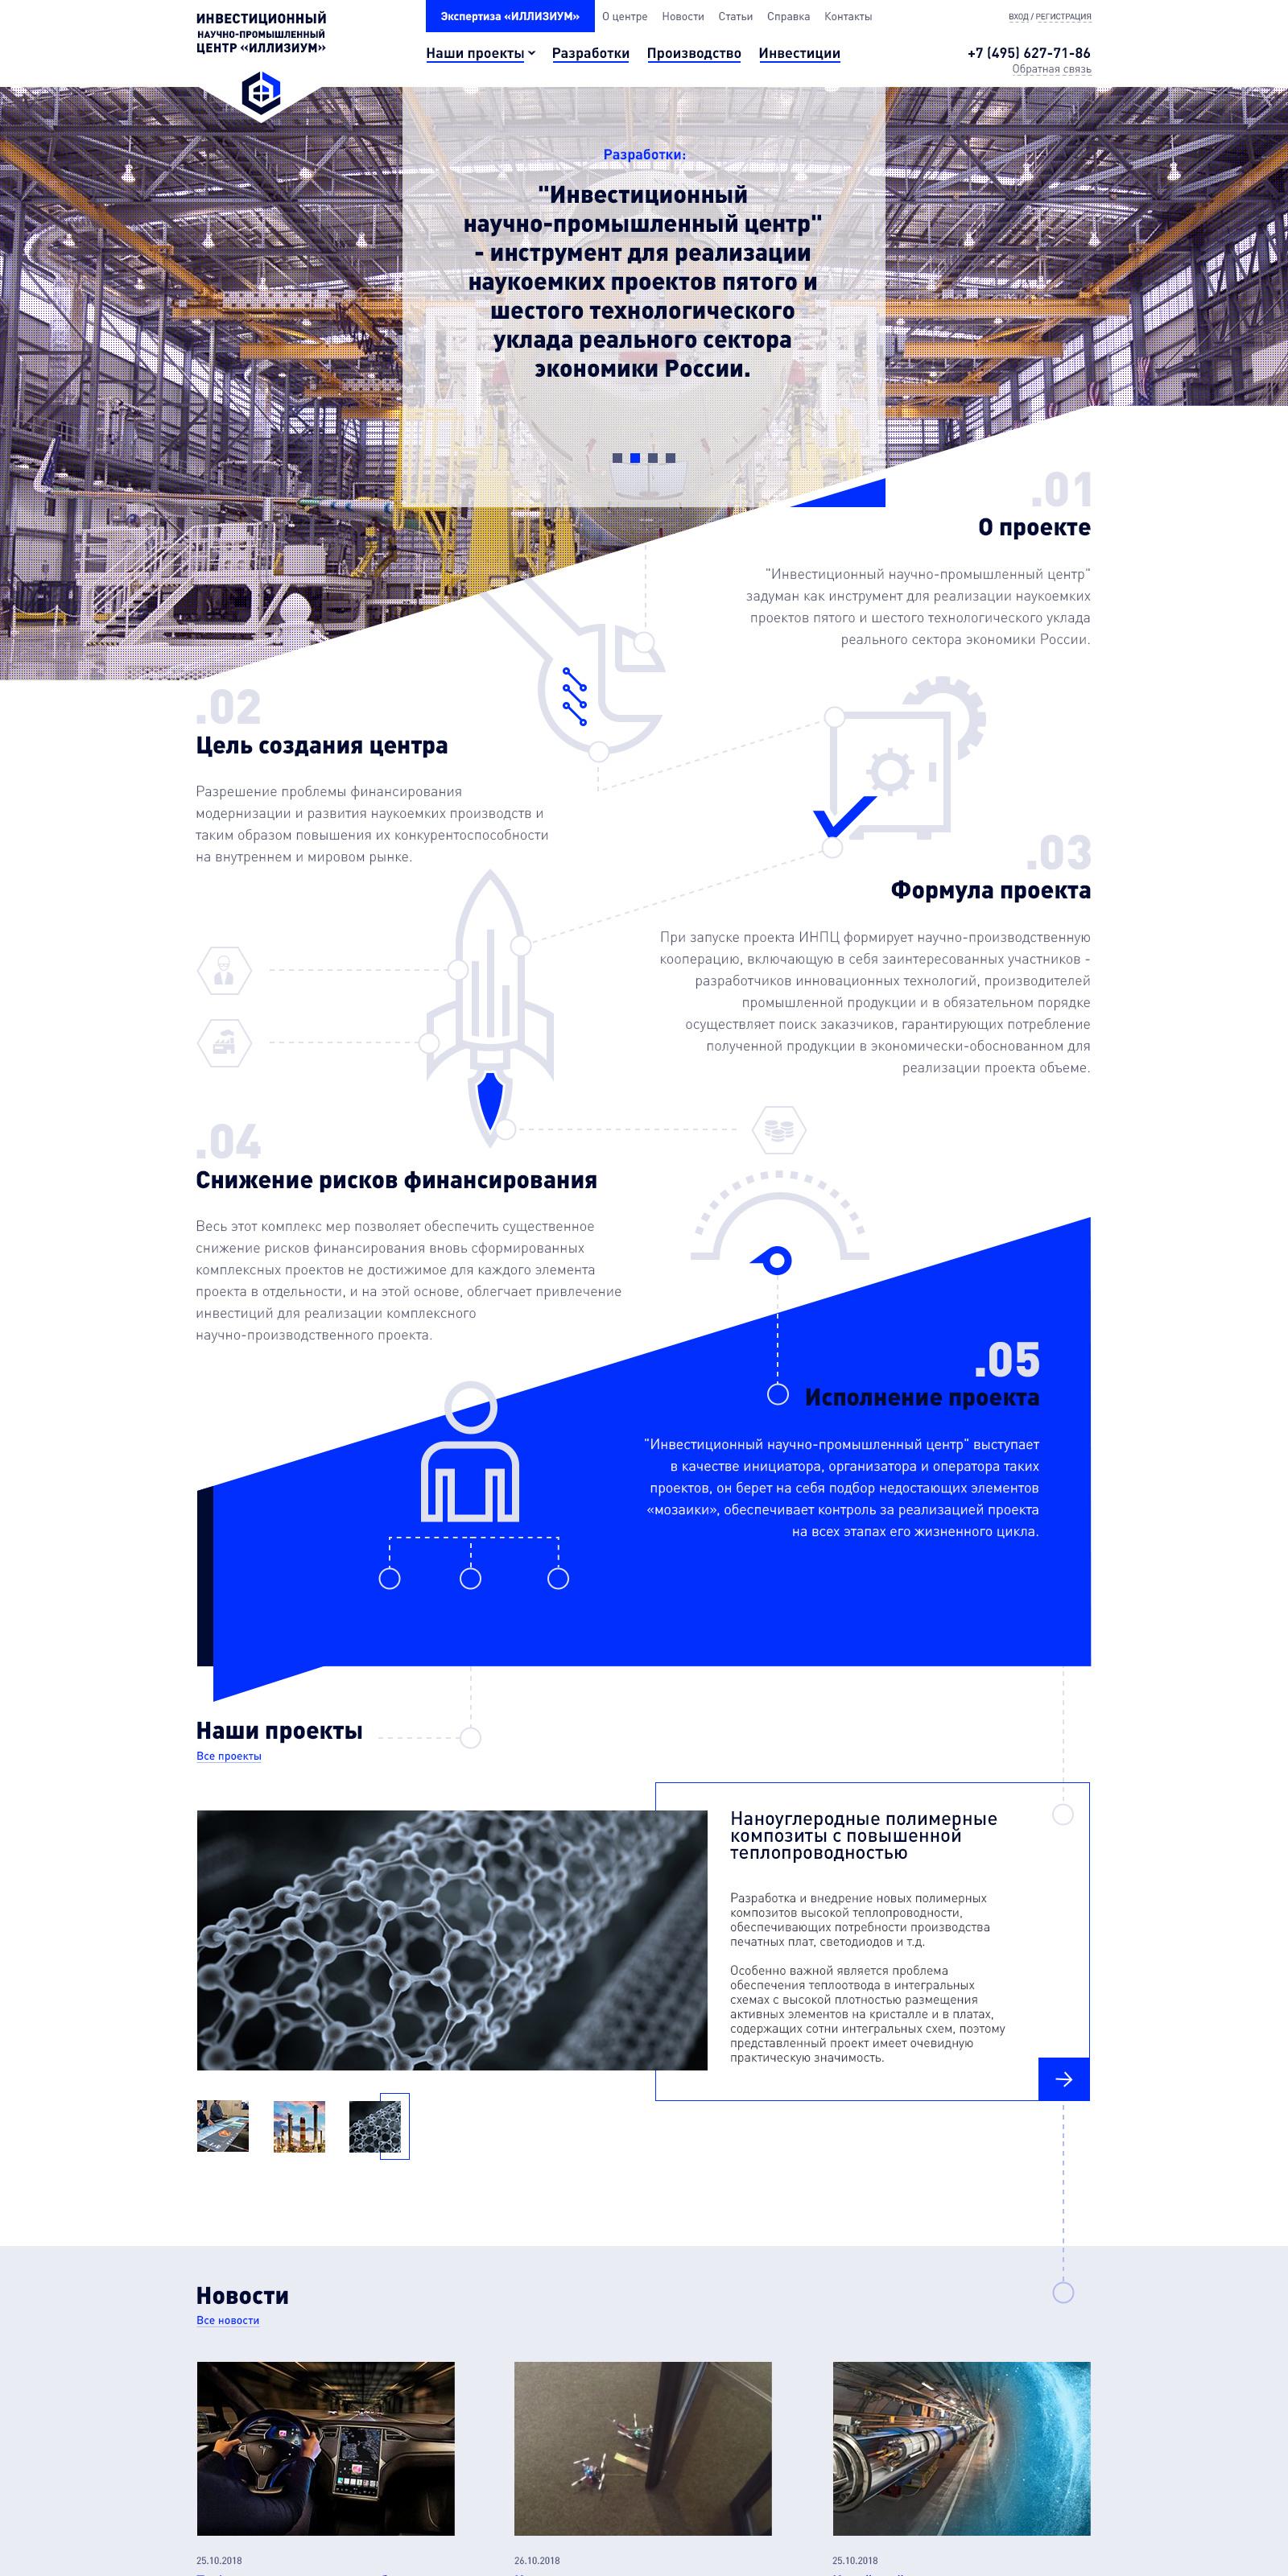 Разработка сайта для Инвестиционного научно-промышленного центра